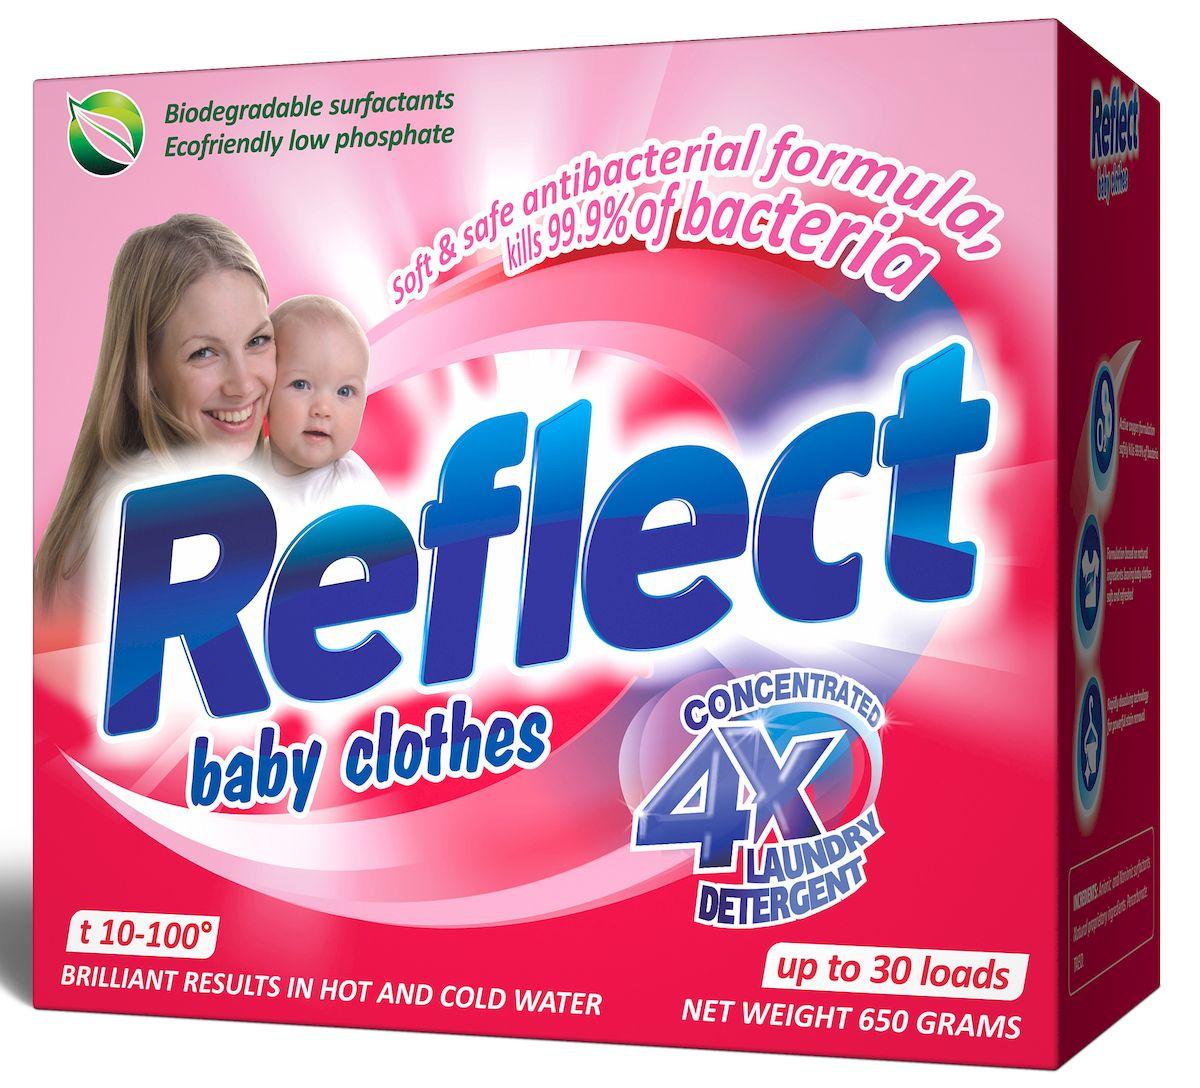 Стиральный порошок Reflect Baby Clothes, концентрированный, 650 г15040Рефлект детский концентрированный стиральный порошок для детского белья с первых дней жизни ребенка от 0 месяцев. На основе натурального мыла легко справляется со специфическими загрязнениями от жизнедеятельности ребенка. Удаляет пятна (молоко, детское питание, каши, пюре, сок и т.д.); гипоаллергенный, для людей с чувствительной кожей; для всех типов ткани, включая шерсть; от 10-100С, для белого и цветного белья, обновляет цвет, сохраняет структуру ткани; ЭКОПРОДУКТ, полностью выполаскивается;